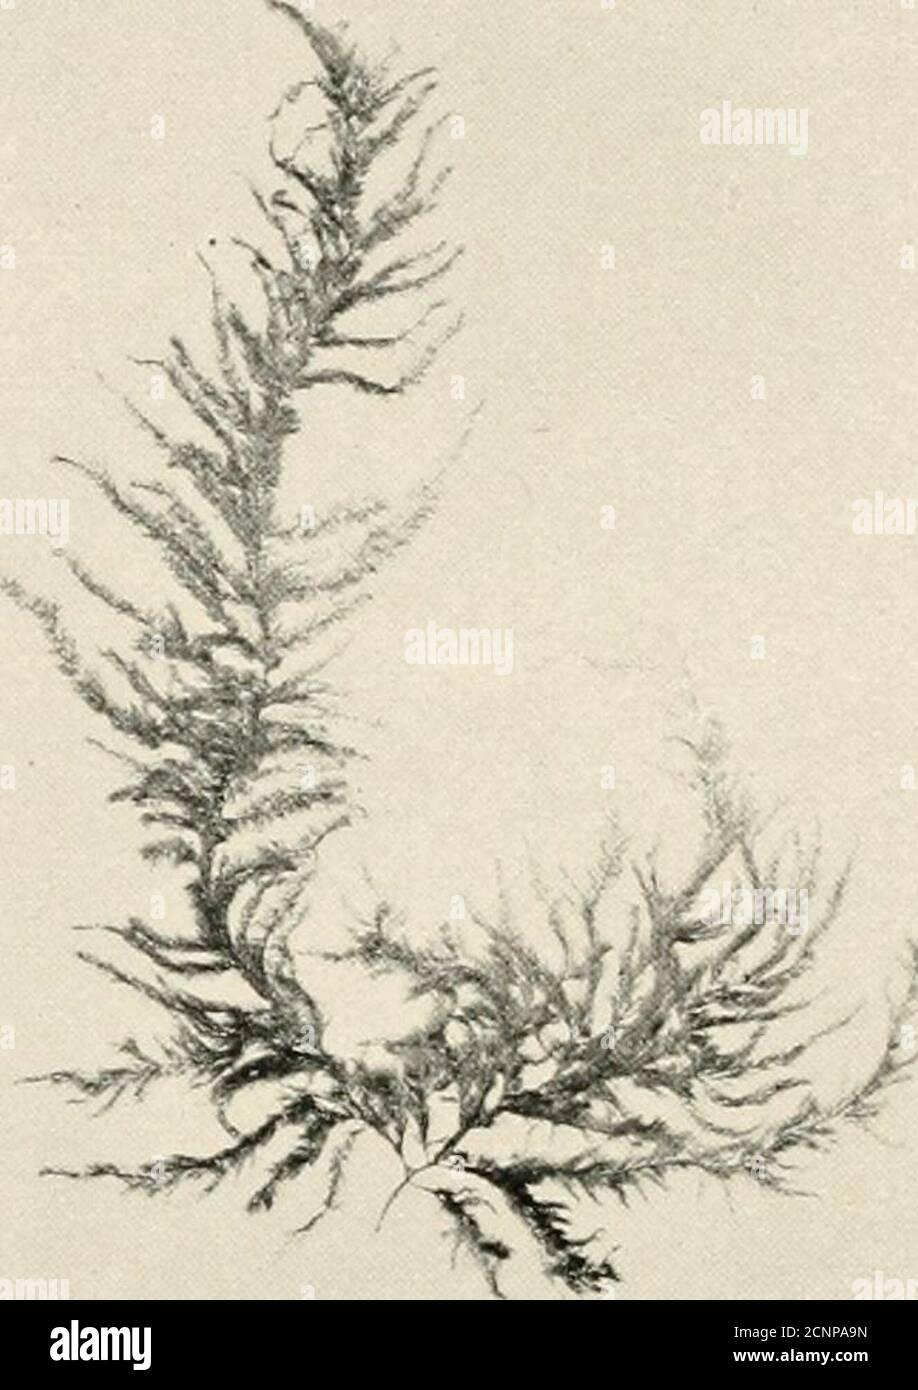 . La spiaggia di mare a ebb-tide : una guida allo studio delle alghe e della vita animale inferiore che si trova tra i tigemark . Foto Stock